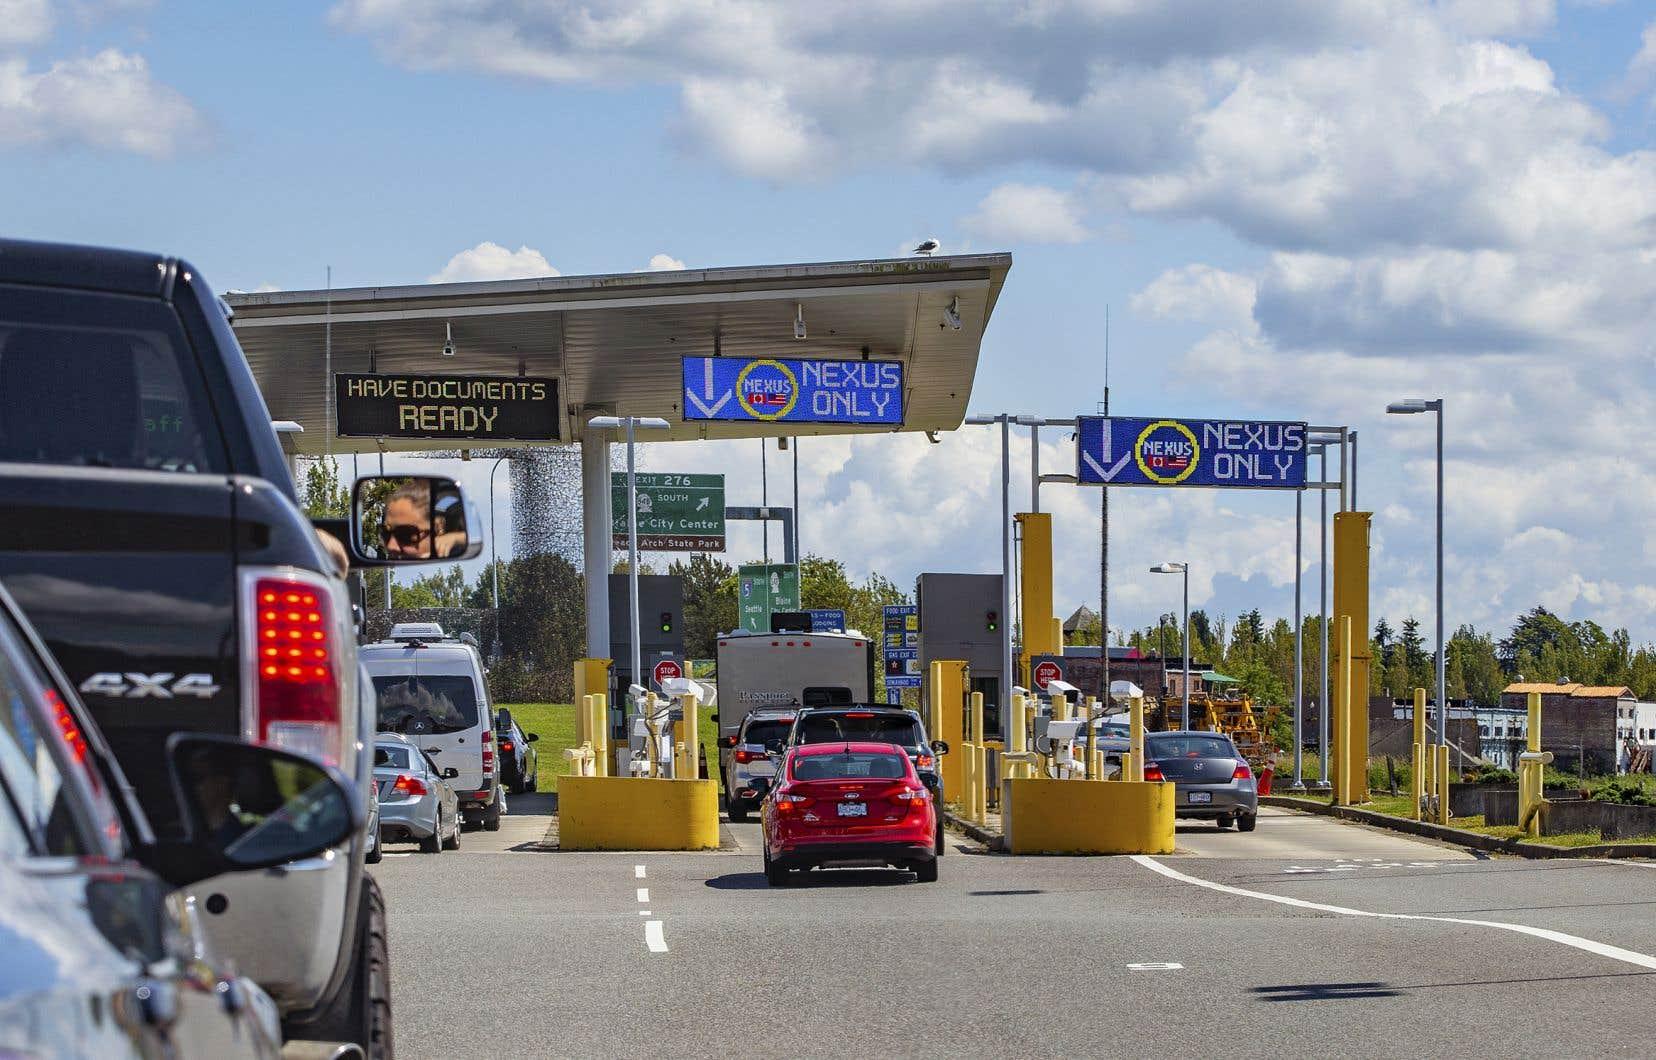 Le fournisseur américain des lecteurs de plaques d'immatriculation aux postes frontières a été victime d'une intrusion dans ses serveurs informatiques.